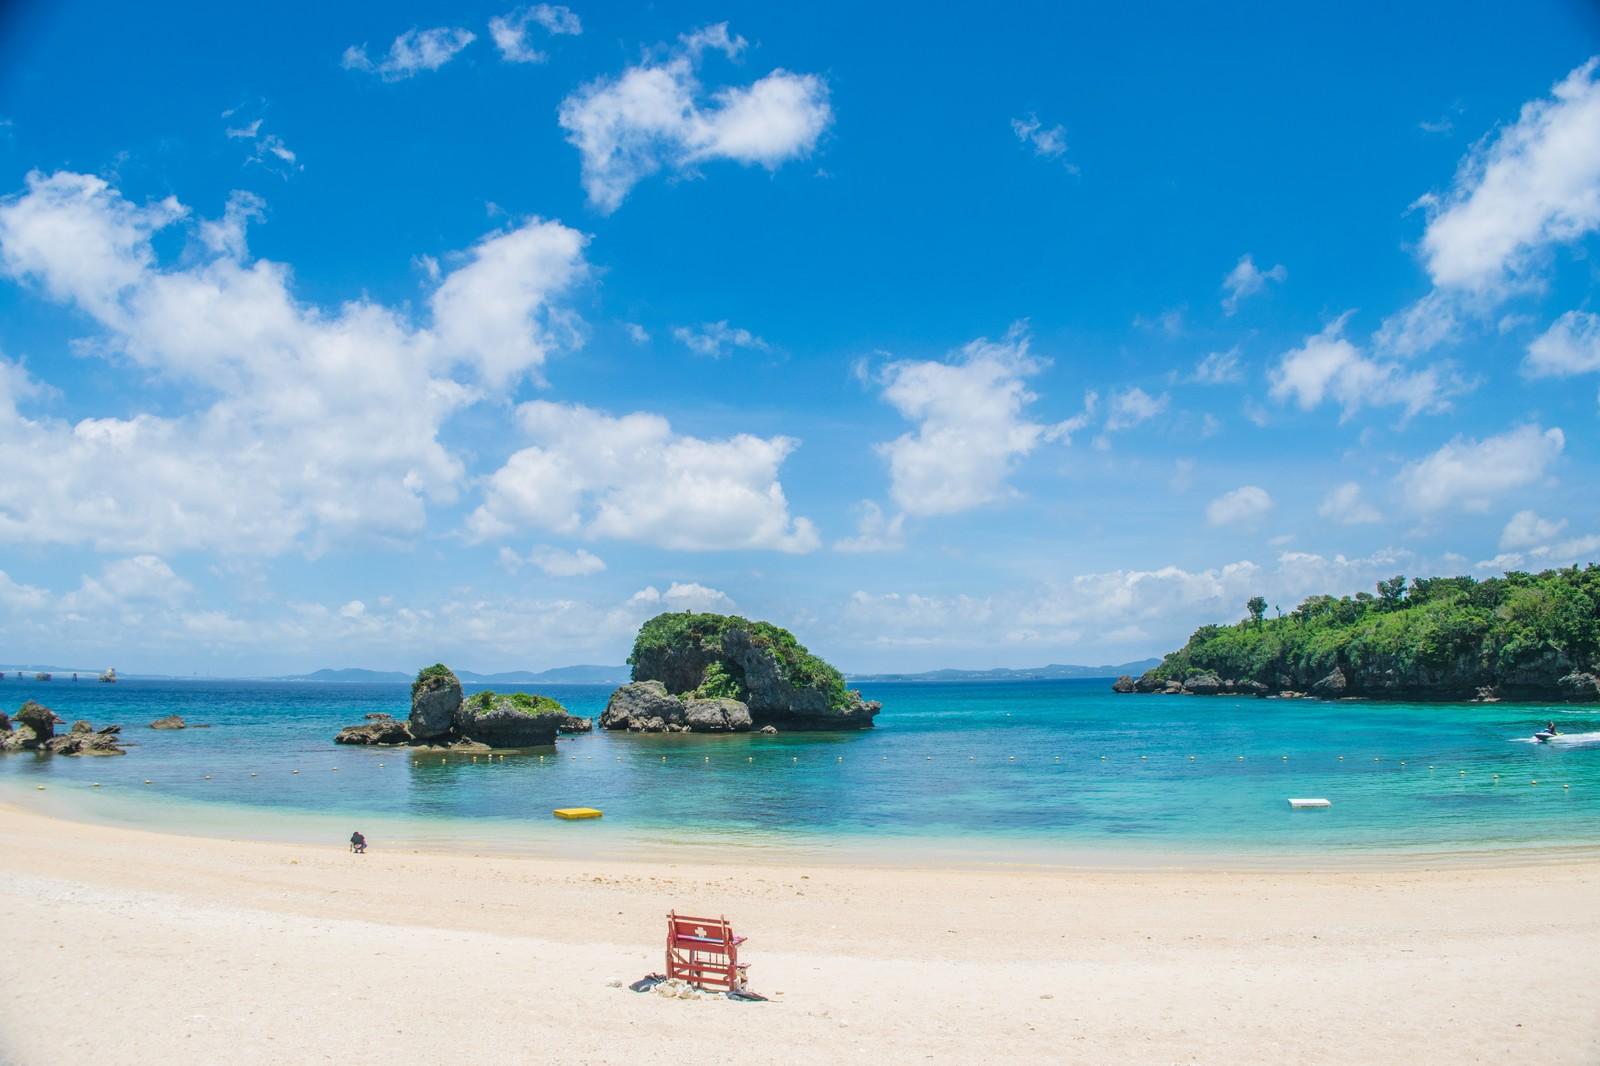 ぴちぴちビーチは大阪の人気スポット!おすすめの楽しみ方やアクセスは?